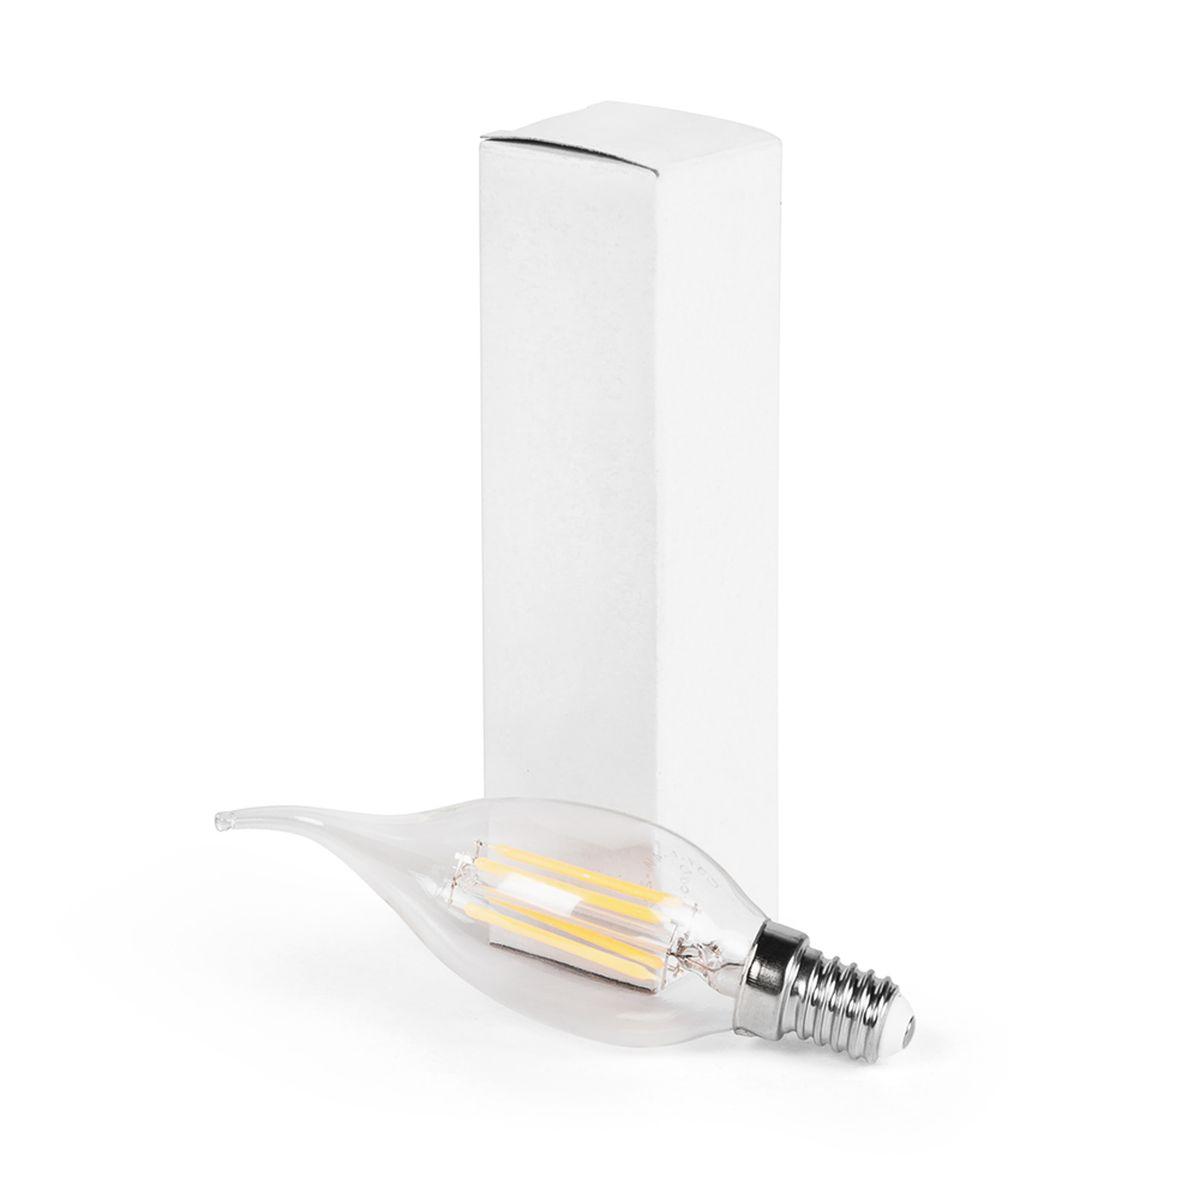 Лампа светодиодная iPower Filament, цоколь Е14, 4W, 2700К1005035Светодиодная лампа iPower Filament имеет очень низкое энергопотребление. В сравнении с лампами накаливания LED потребляет в 12 раз меньше электричества, а в сравнении с энергосберегающими - в 2-4 раза меньше. При этом срок службы LED лампочки в 5 раз выше, чем энергосберегающей, и в 50 раз выше, чем у лампы накаливания. Светодиодная лампа iPower Filament создает мягкий рассеивающий свет без мерцаний, что совершенно безопасно для глаз. Она специально разработана по требованиям российских и европейских законов и подходит ко всем осветительным устройствам, совместимым со стандартным цоколем E14. Диапазон рабочих температур: от -50°C до +50°С. Материал: стекло. Потребляемая мощность: 4 Вт. Рабочее напряжение: 220В. Световая температура: 2700К (теплый свет). Срок службы: 30000 часов. Форма: свеча на ветру. Цоколь: миньон (E14). Эквивалент мощности лампы накаливания: 40 Вт. Яркость свечения: 410 Лм.